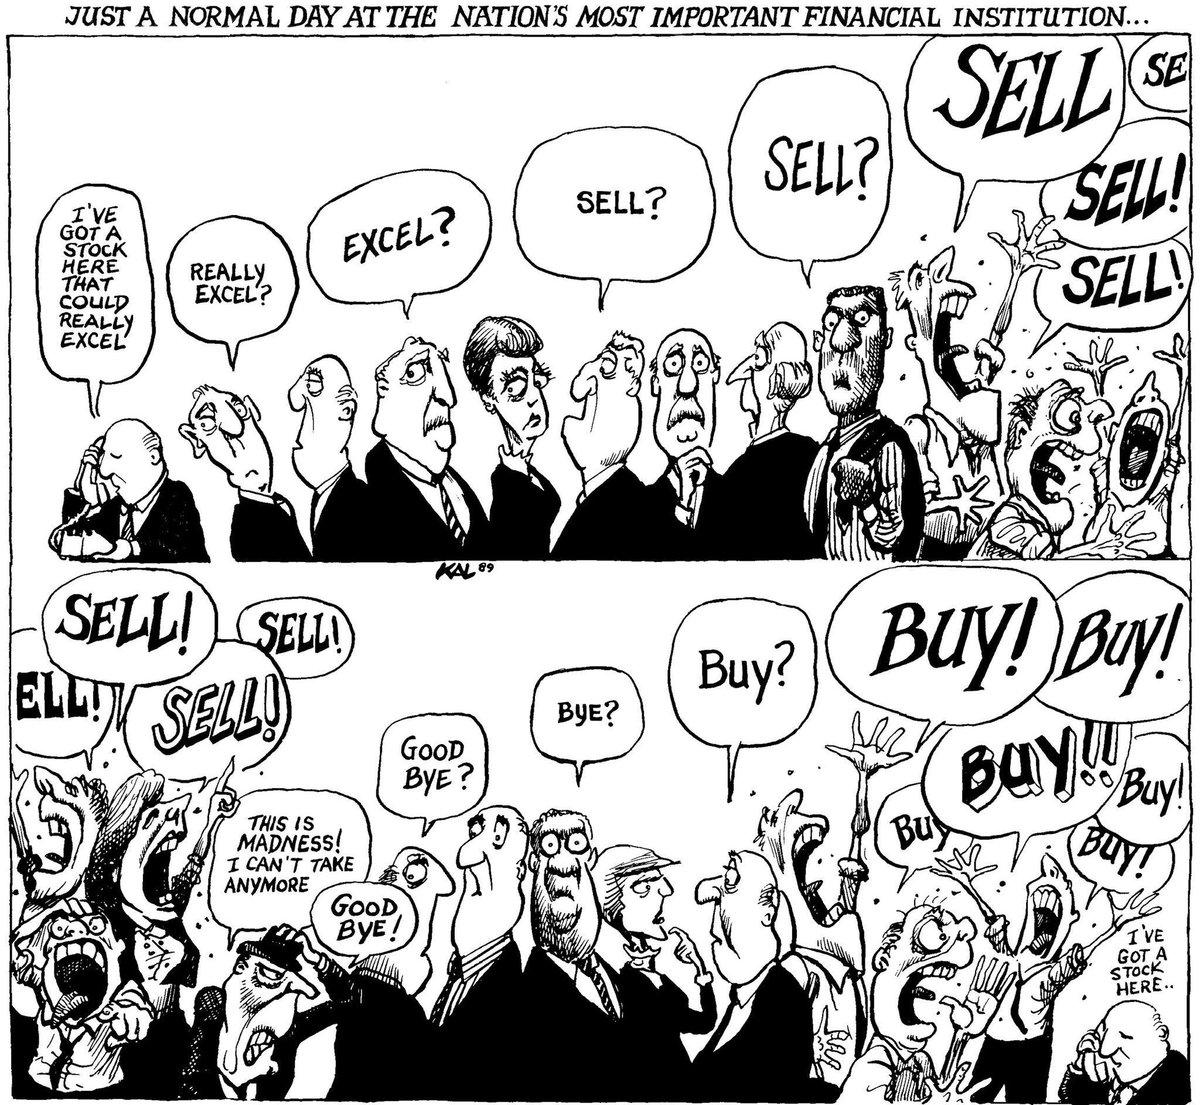 investicins mons parduodanios bitkoin elliott wave prekybos principai ir prekybos strategijos